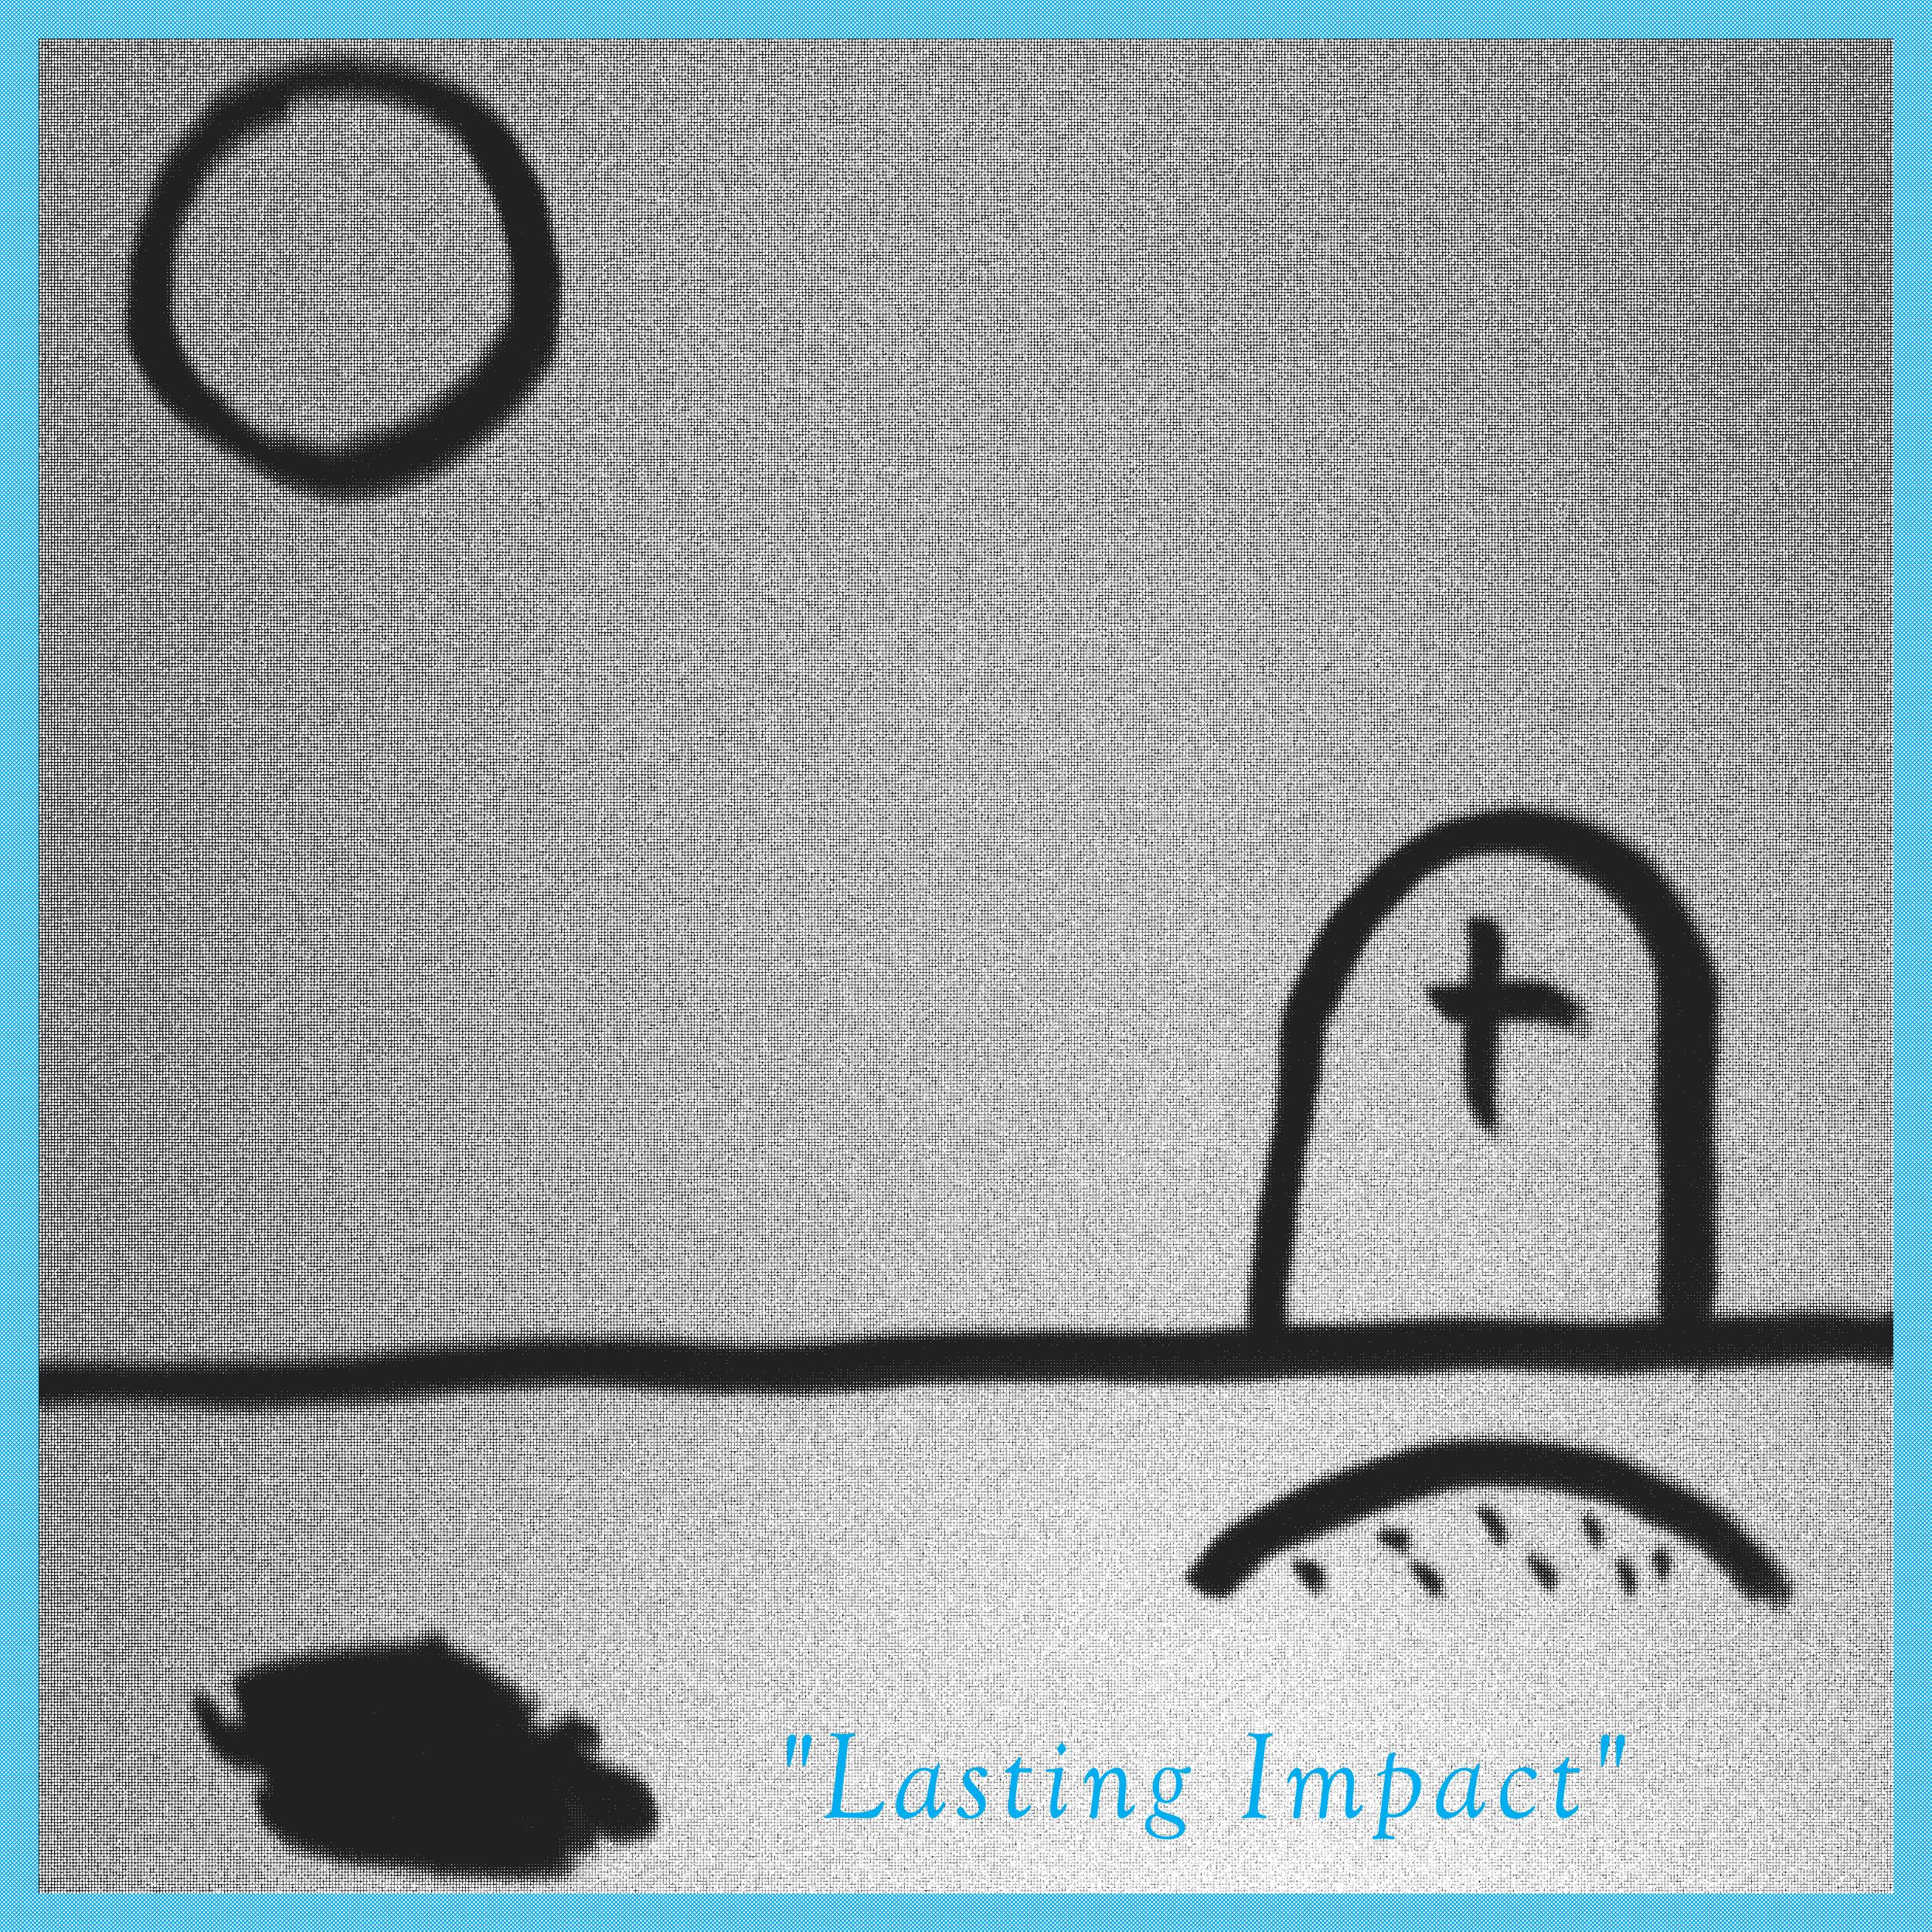 Existential Despair (Lasting Impact)